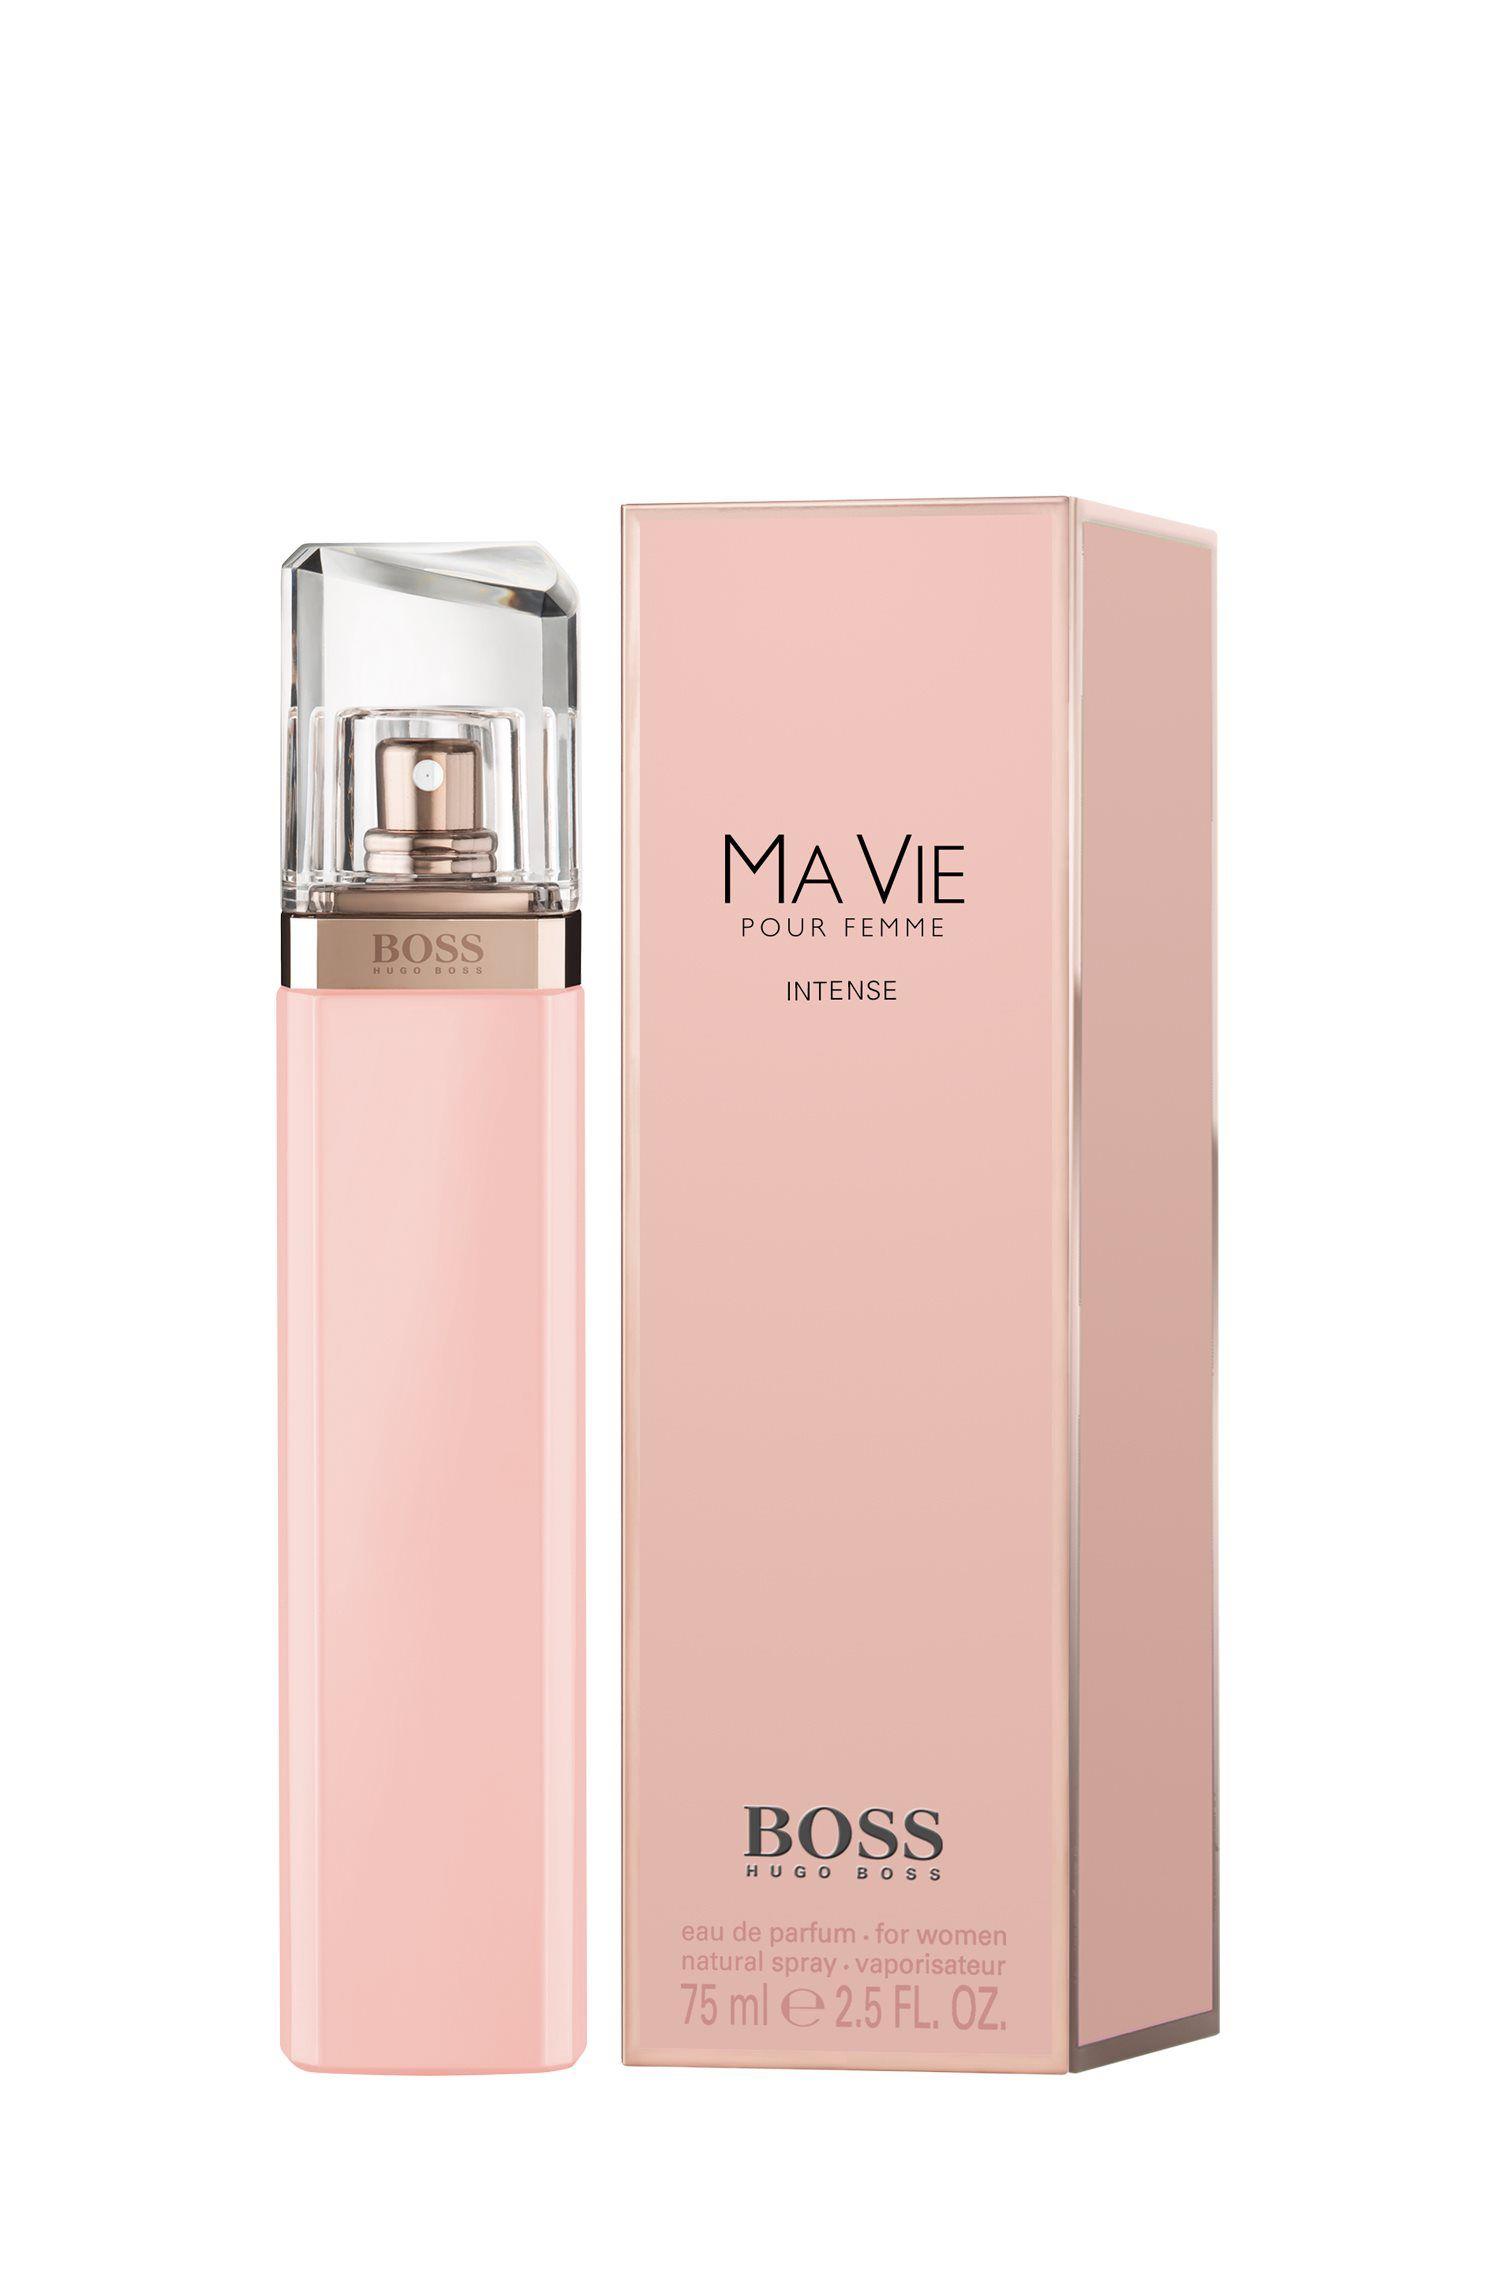 BOSS Ma Vie Intense Eau de Parfum 75ml, Assorted-Pre-Pack